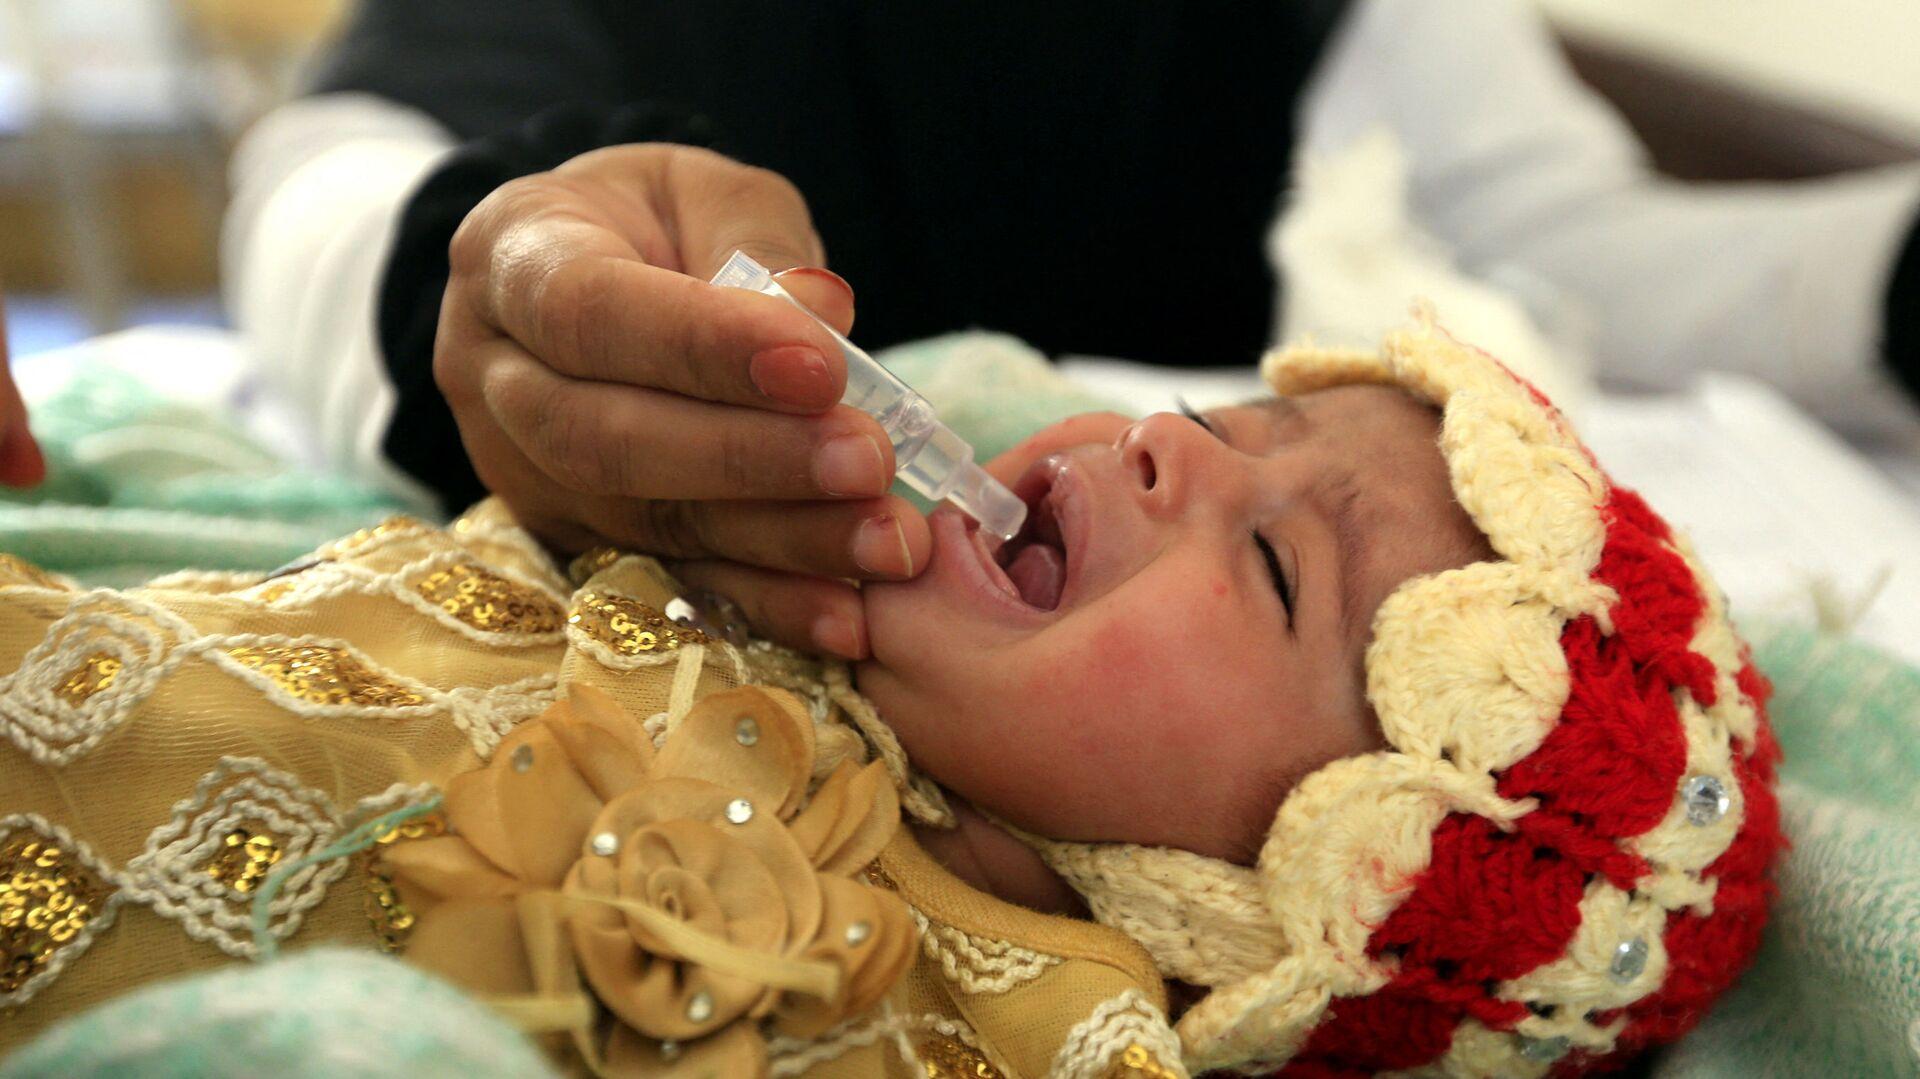 Вакцинация детей от полиомиелита - Sputnik Таджикистан, 1920, 29.06.2021